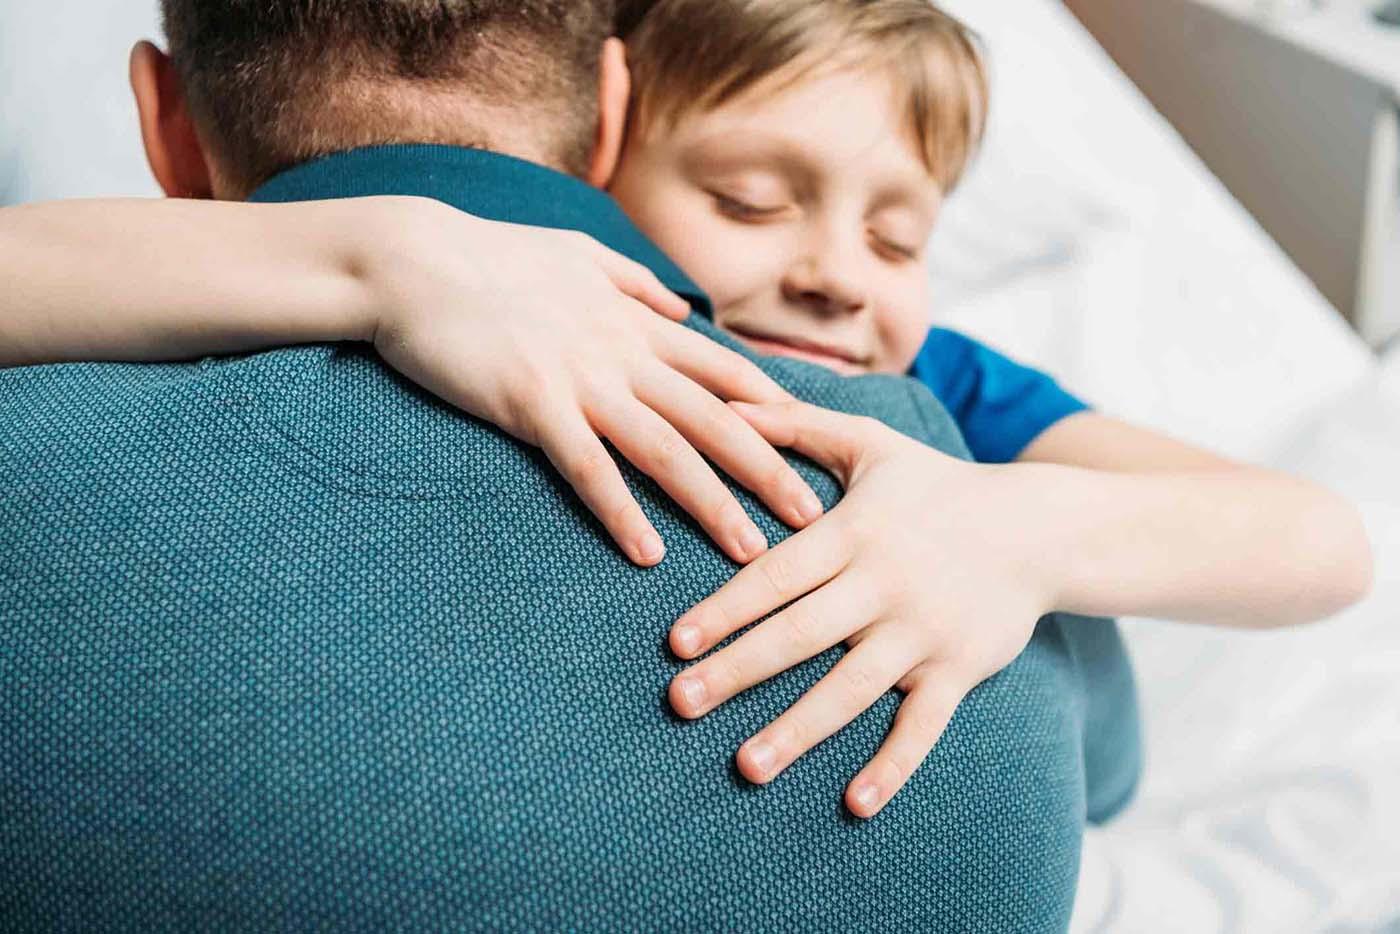 بررسی نقش پدر در تربیت کودکان